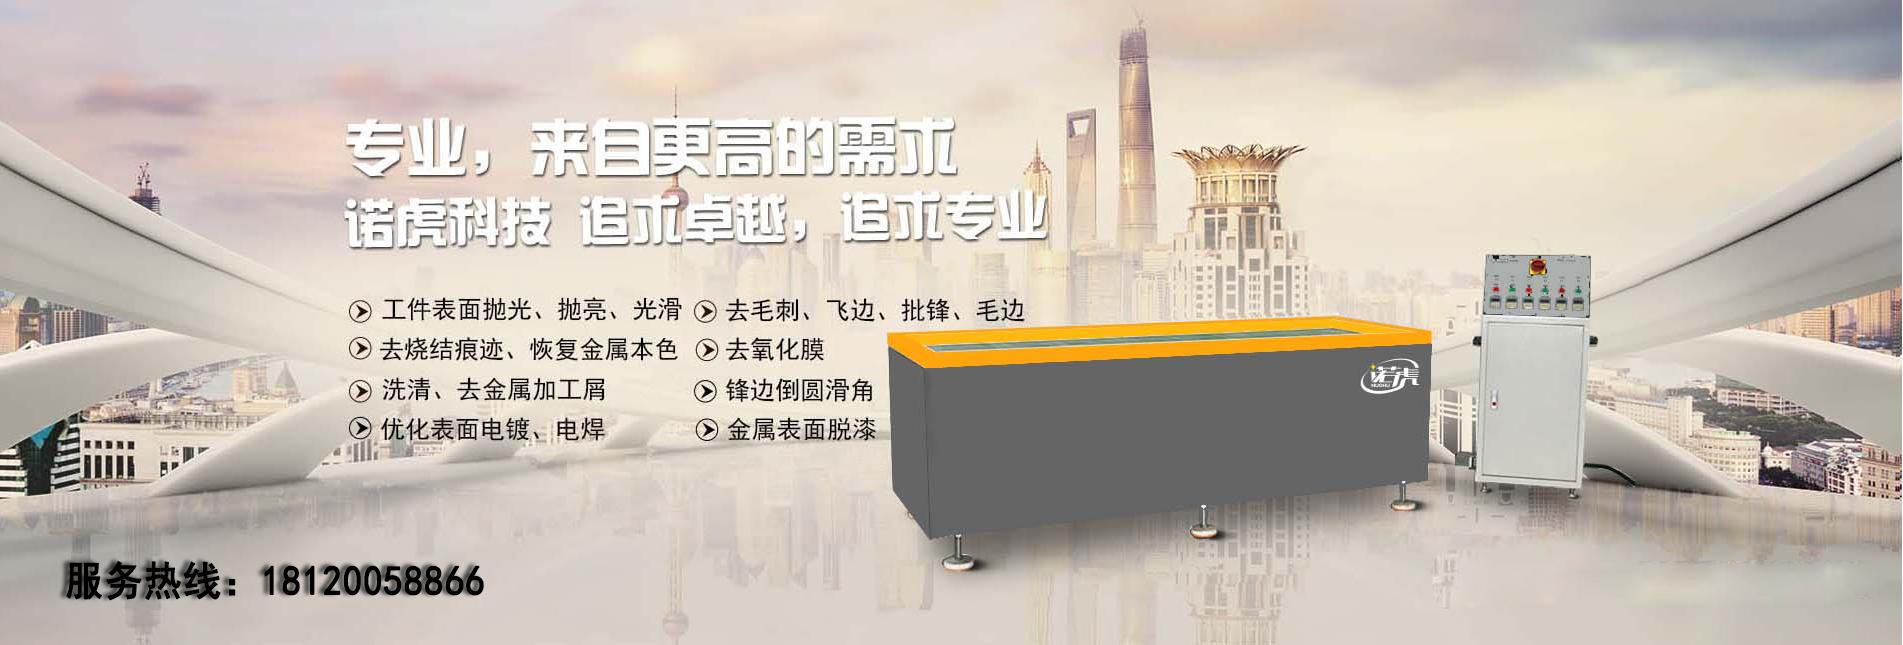 苏州诺虎自动化科技有限公司